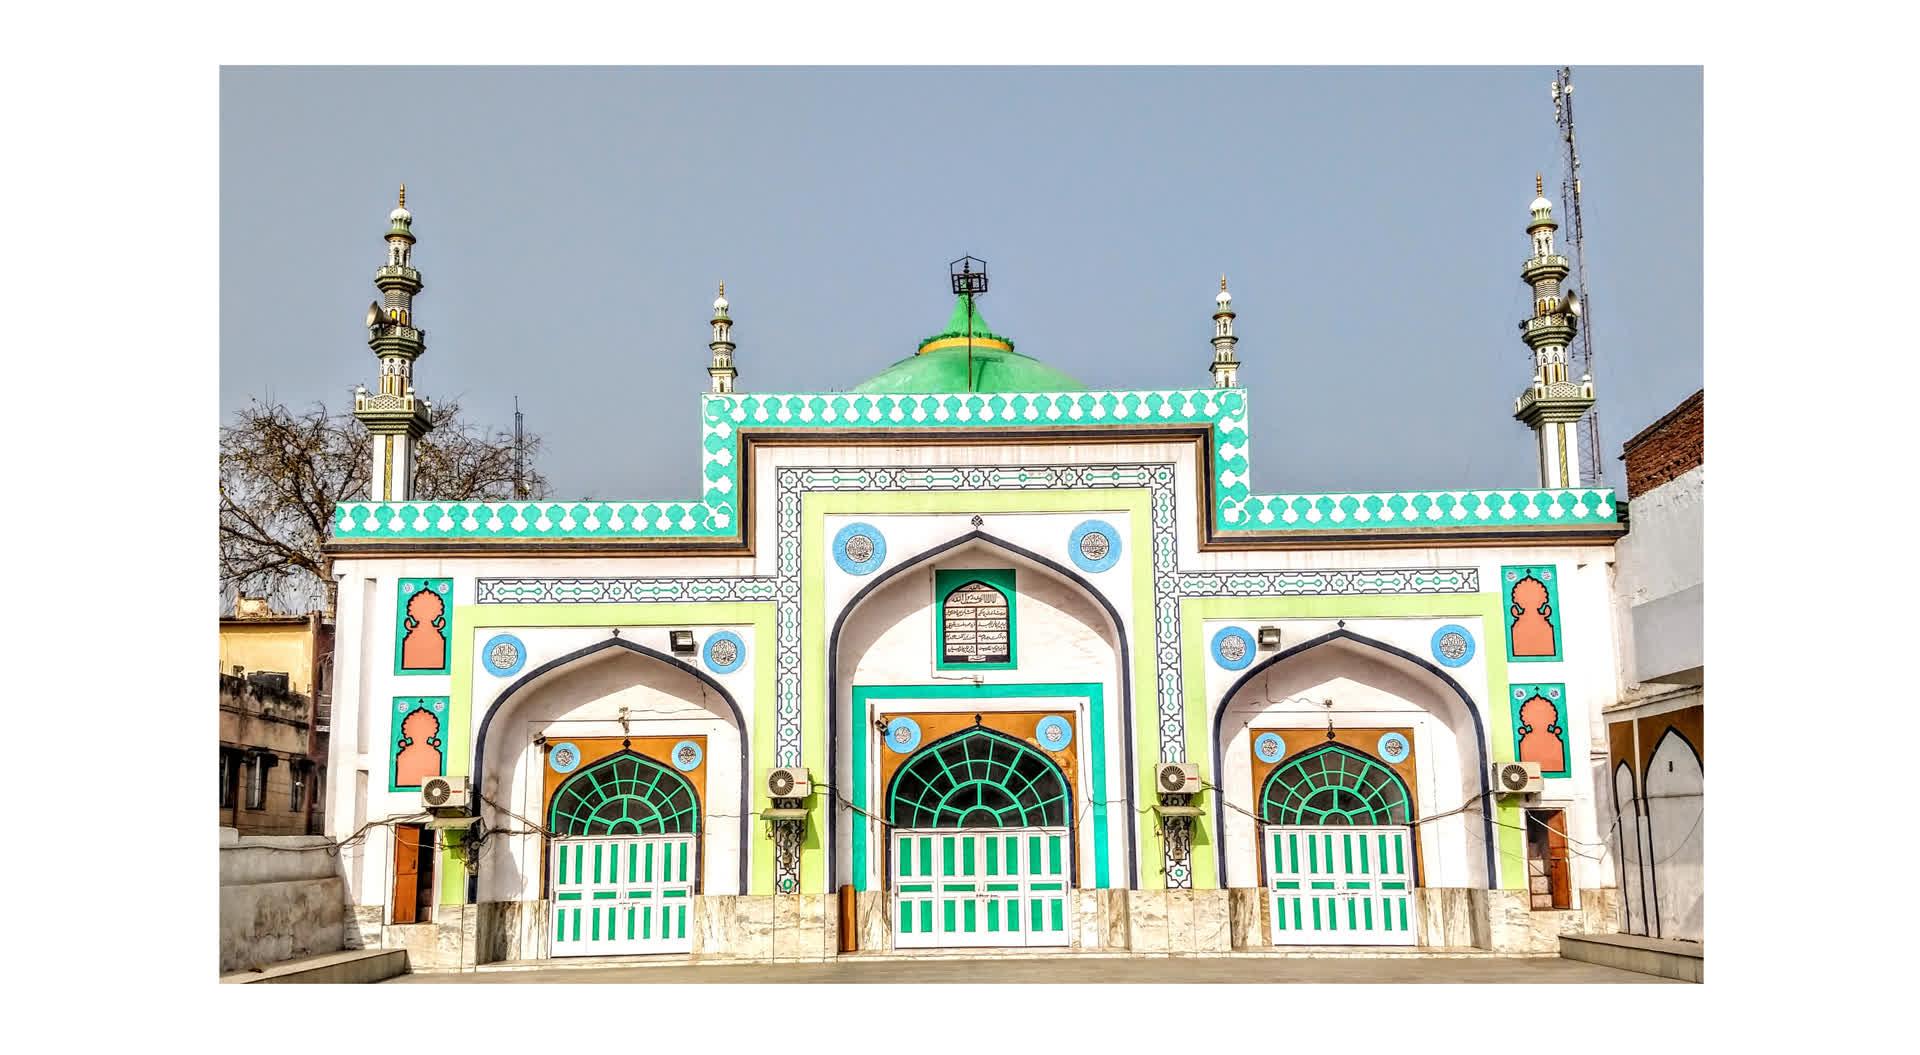 Faridabad: Mahabharata, to Mughals, to NCR